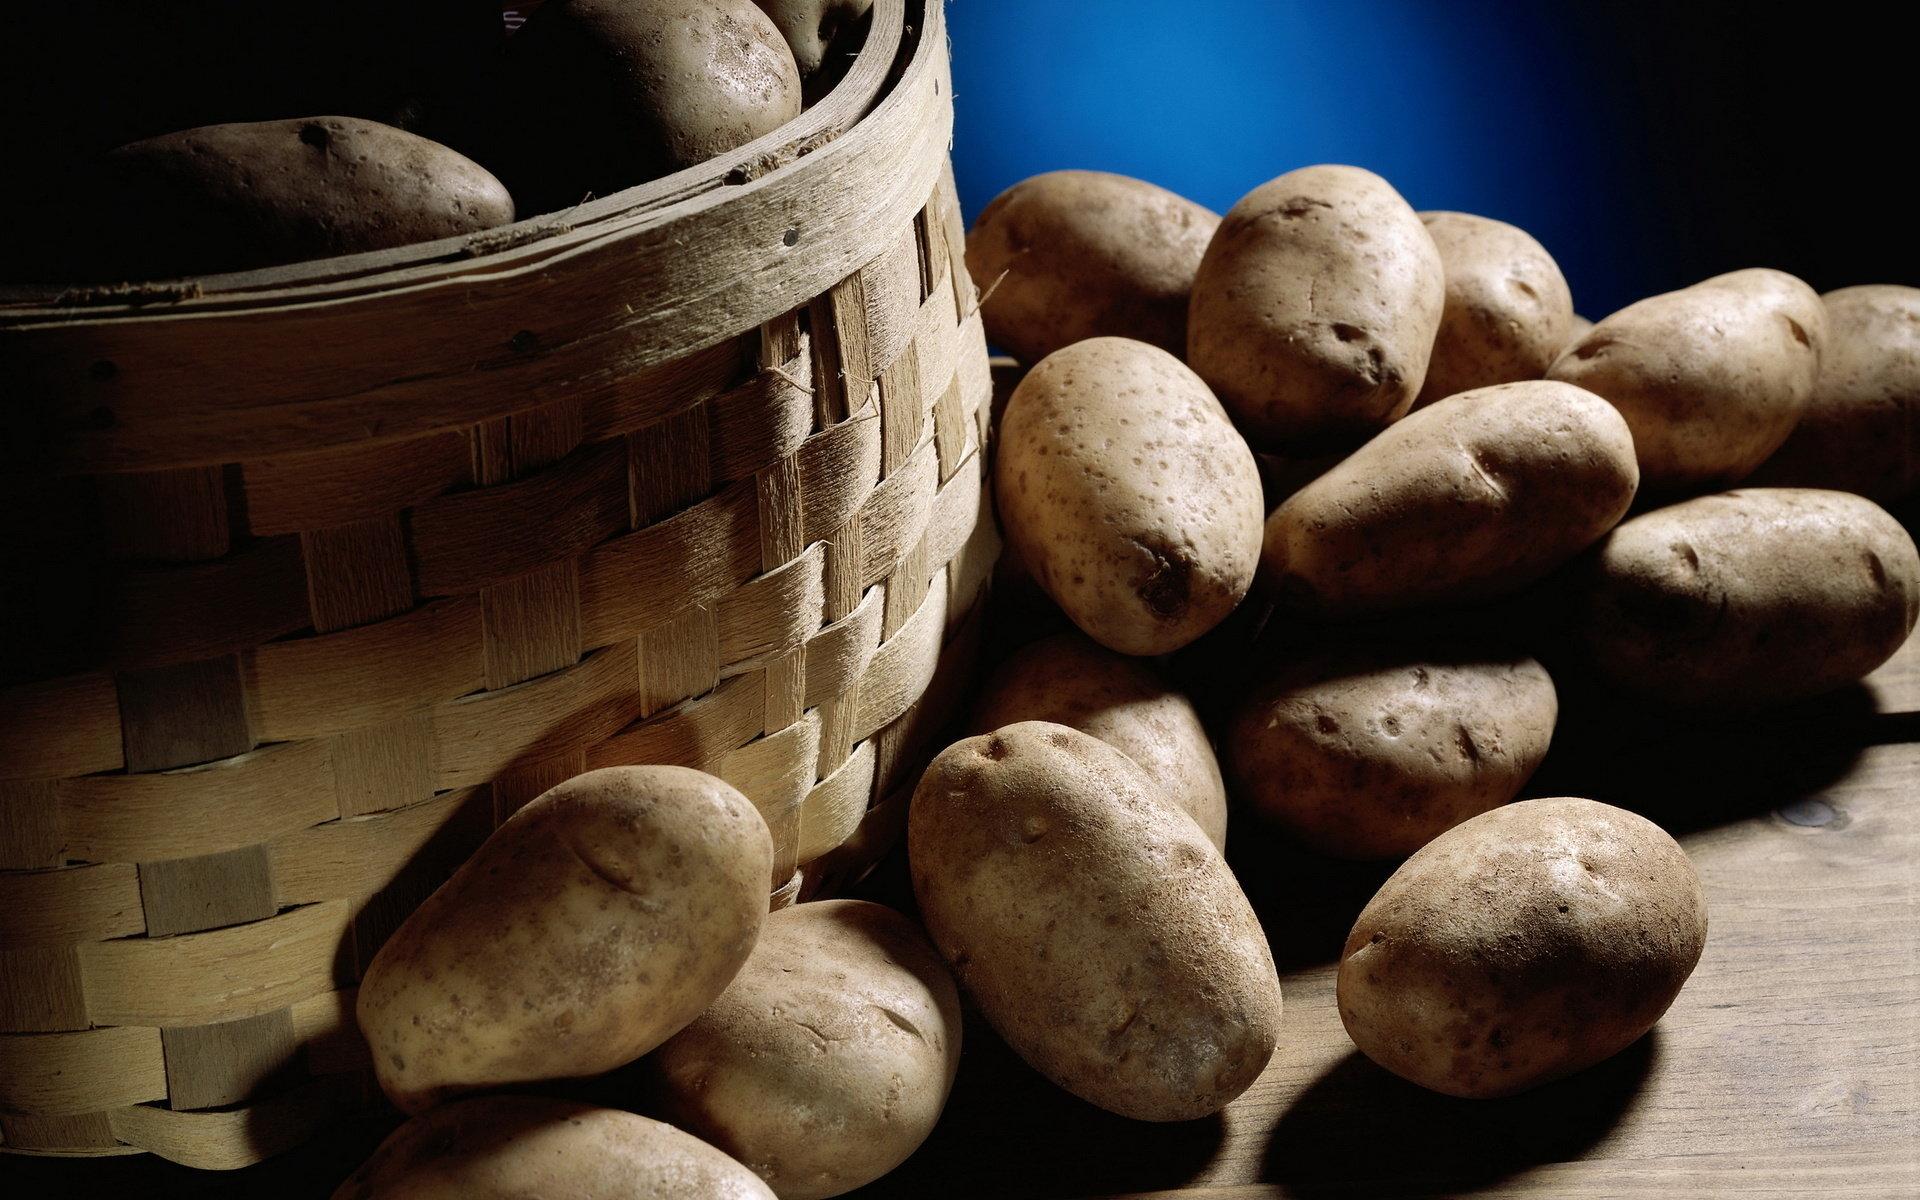 چگونه از جوانه زدن سیب زمینی جلوگیری کنیم؟ {hendevaneh.com}{سایتهندوانه} - 216930 831 - چگونه از جوانه زدن سیب زمینی جلوگیری کنیم؟